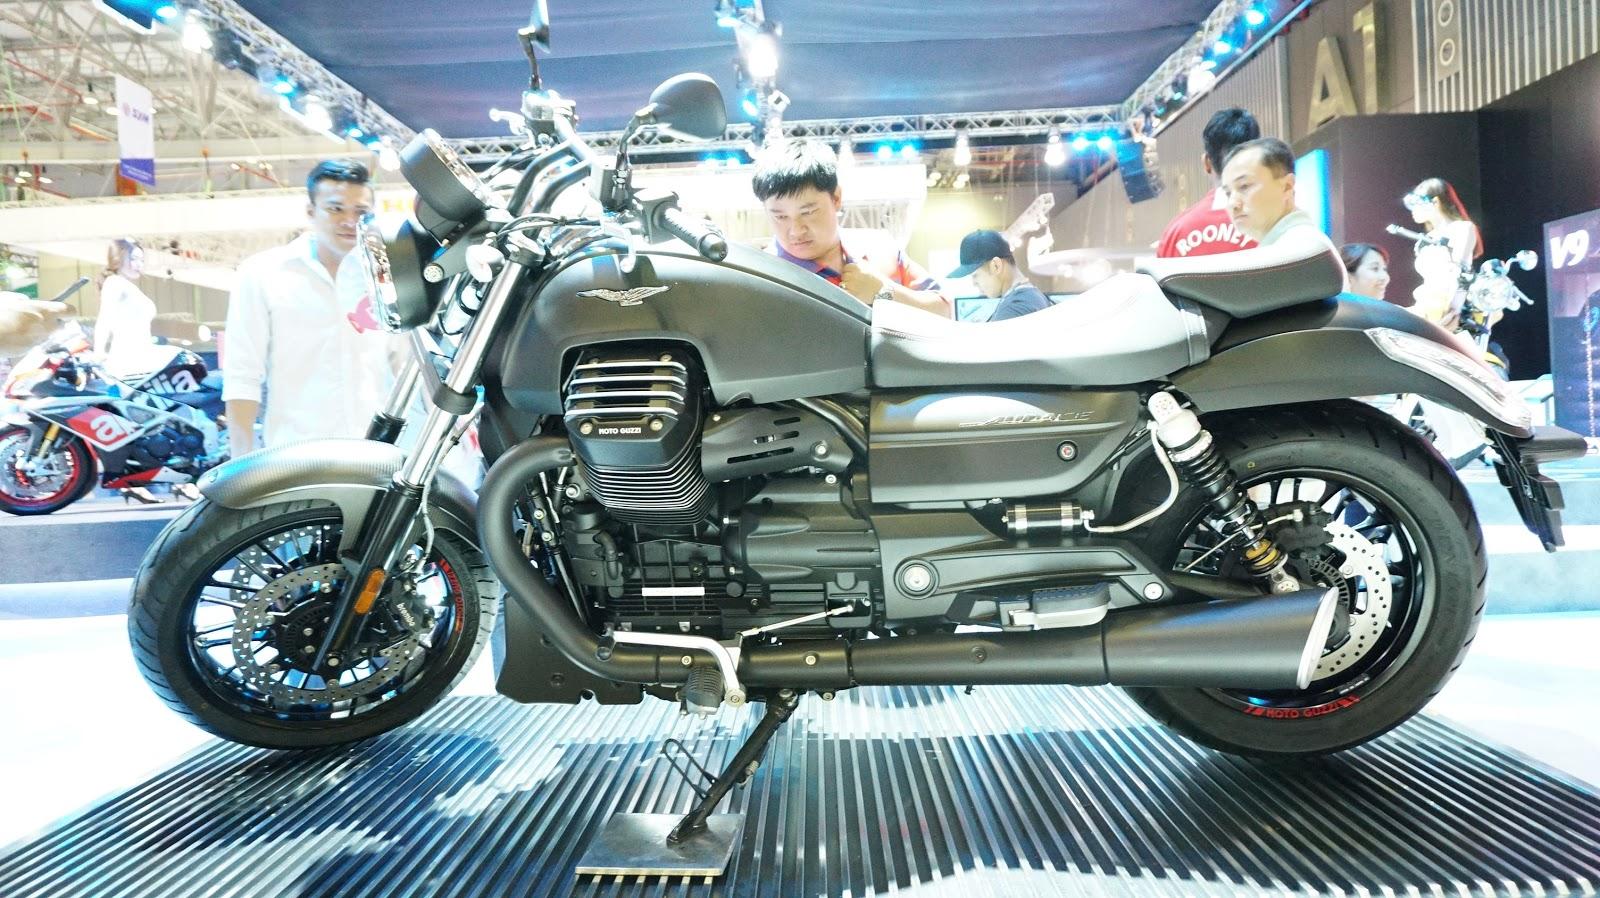 Moto Guzzi Audace phải nói là một tuyệt phẩm hoàn hảo tại Vietnam Motorcycle Show năm nay